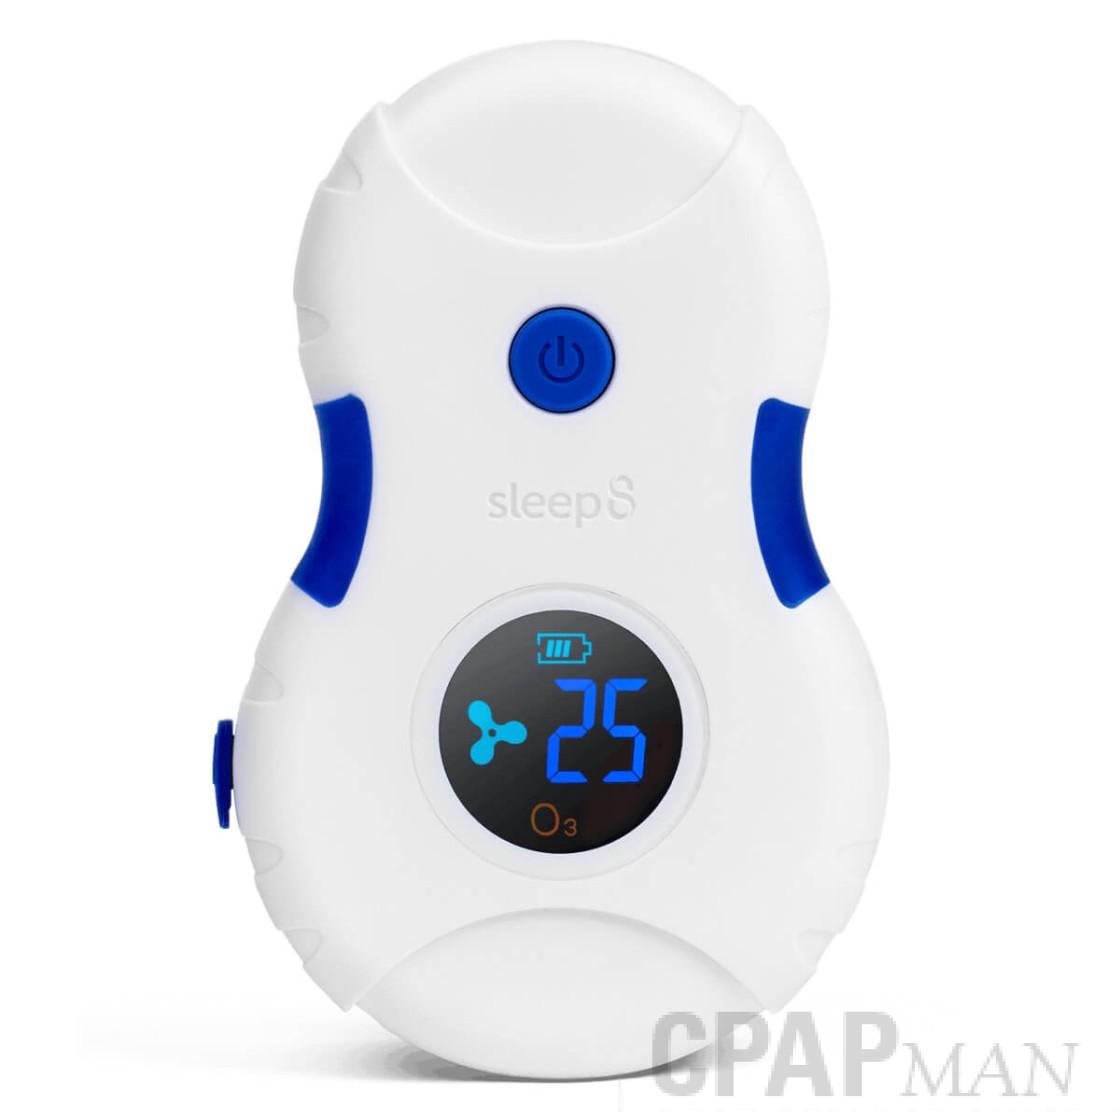 Sleep8 CPAP Sanitizing Kit